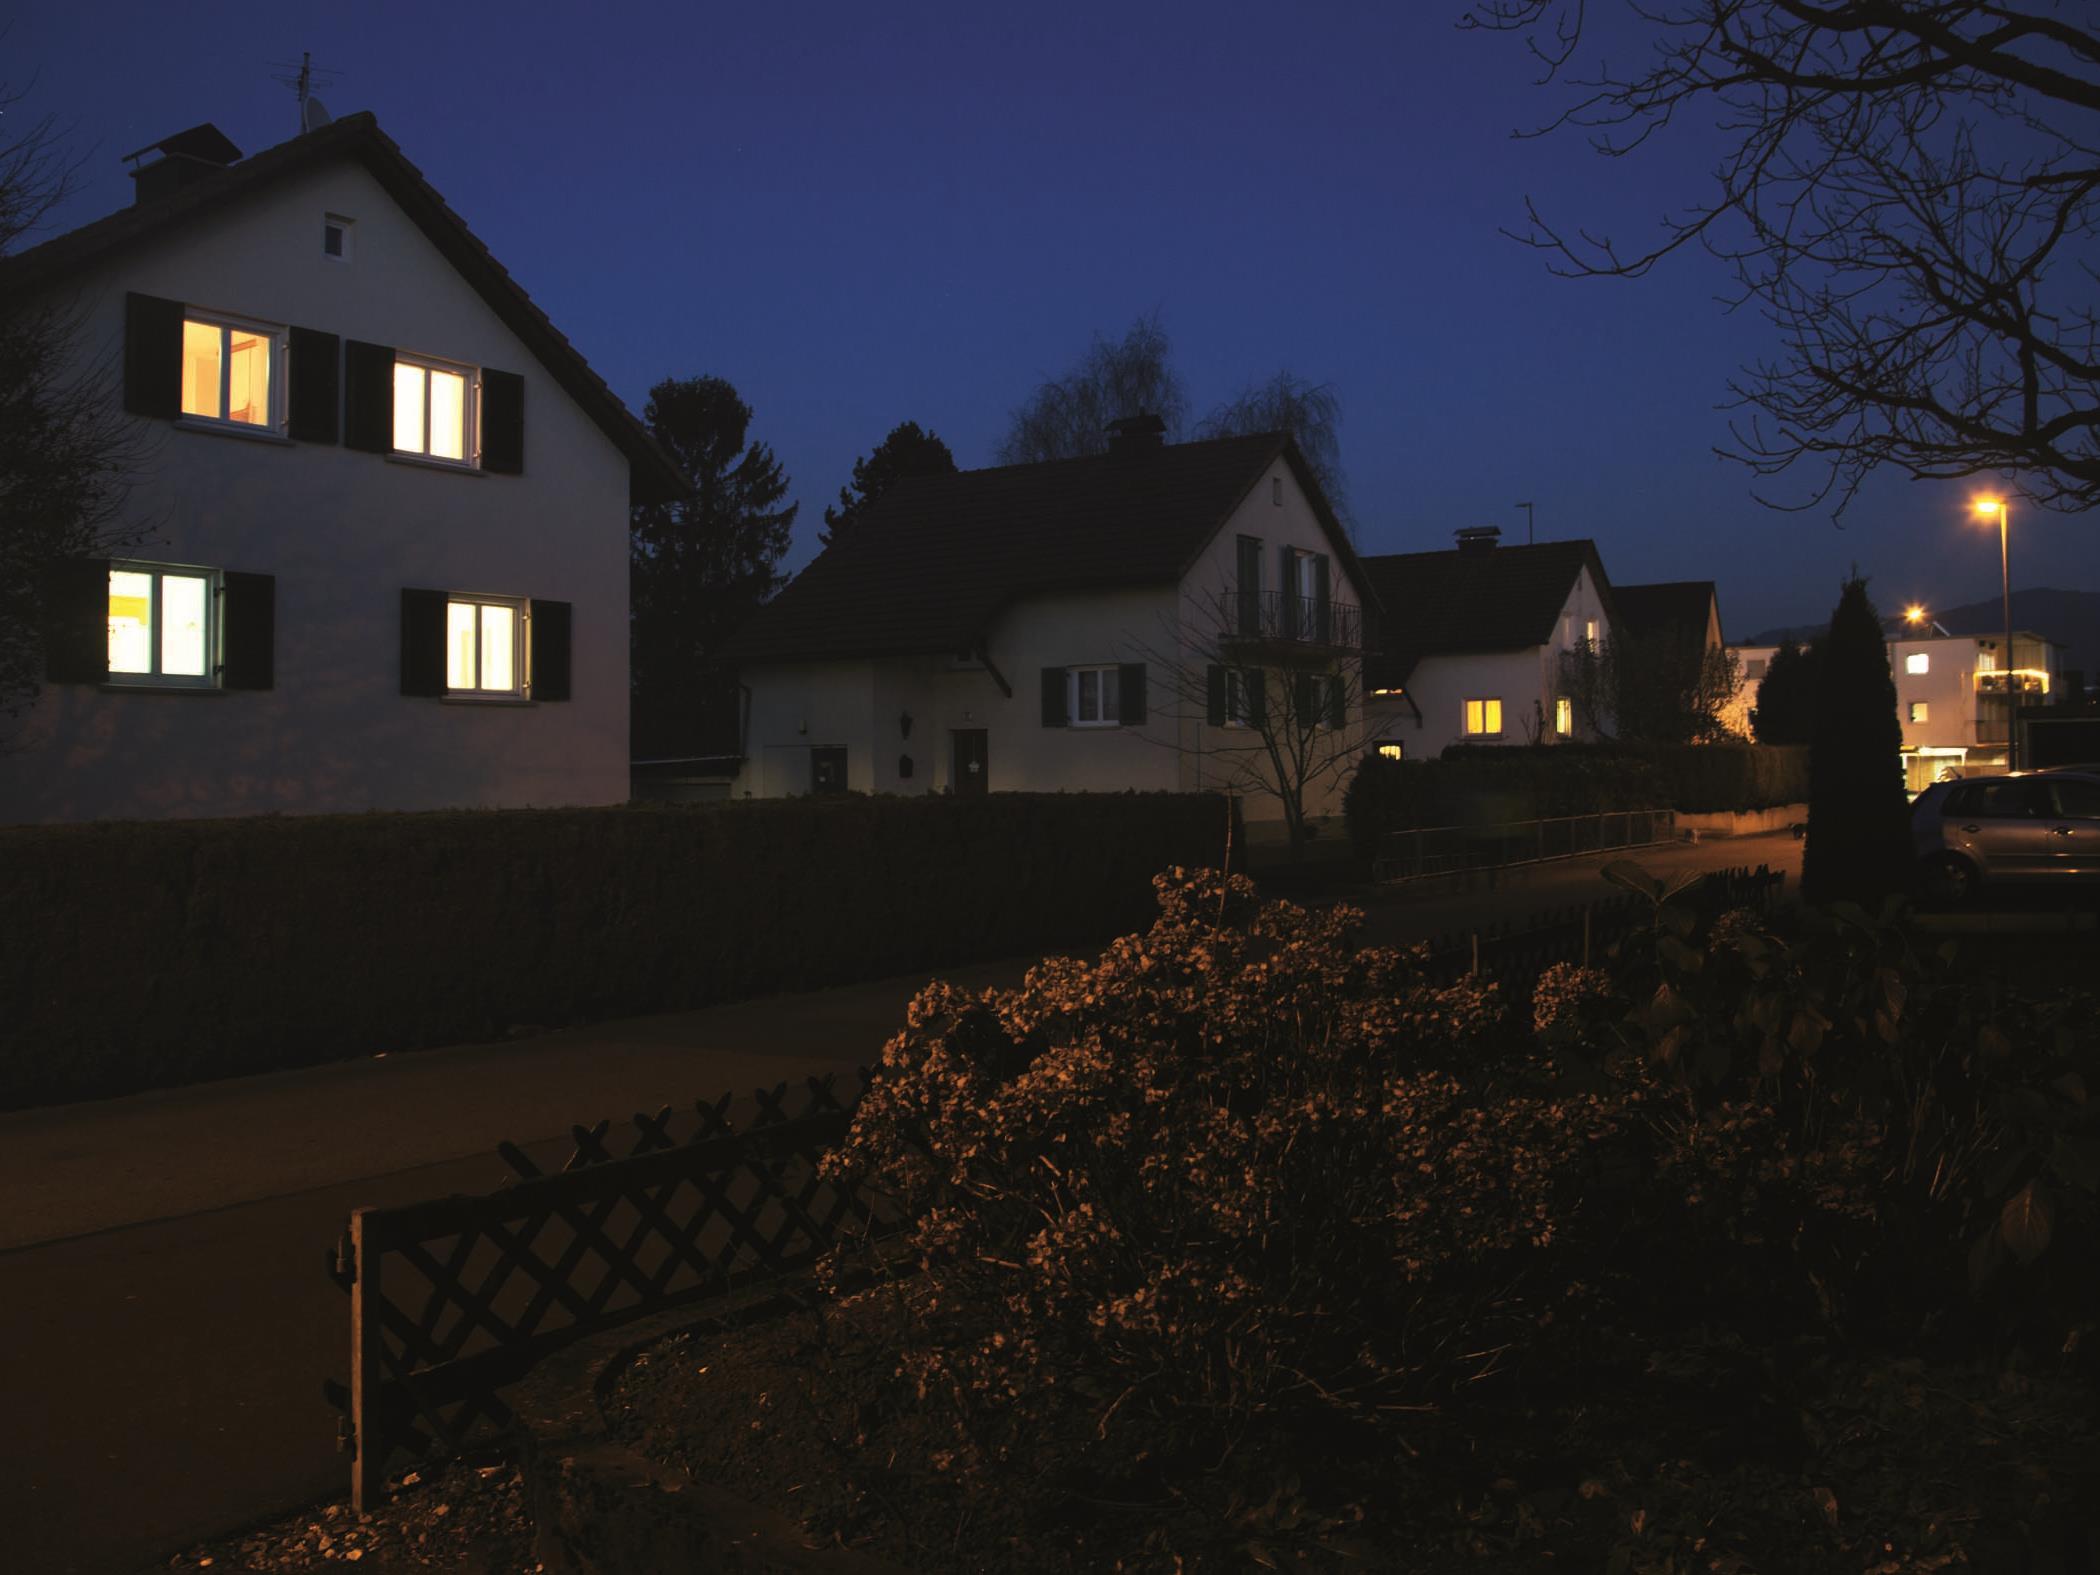 Die automatische Beleuchtung mit LEDON Guard hilft, dass die Aufmerksamkeit von Einbrechern nicht auf ein unbeleuchtetes Haus fällt.